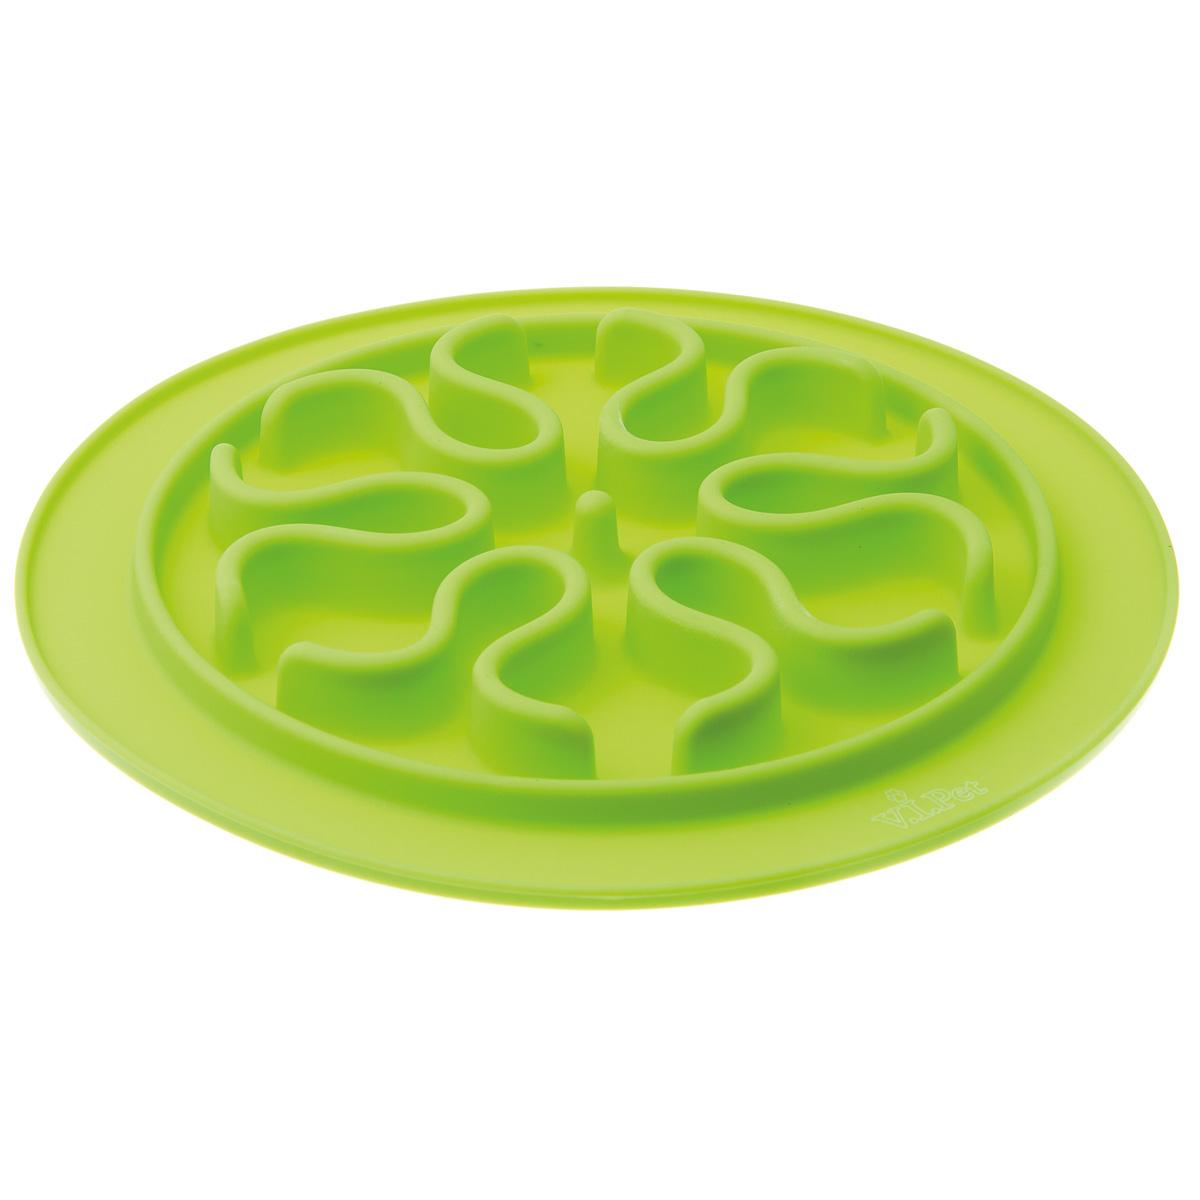 Миска игровая для животных V.I.Pet Волны, цвет: салатовый, диаметр 24 см21004С этой миской время поедания корма увеличивается, питомец ест медленнее, не переедает.С этой миской значительно уменьшается вероятность, что питомец поперхнётся, или заглотит воздух.